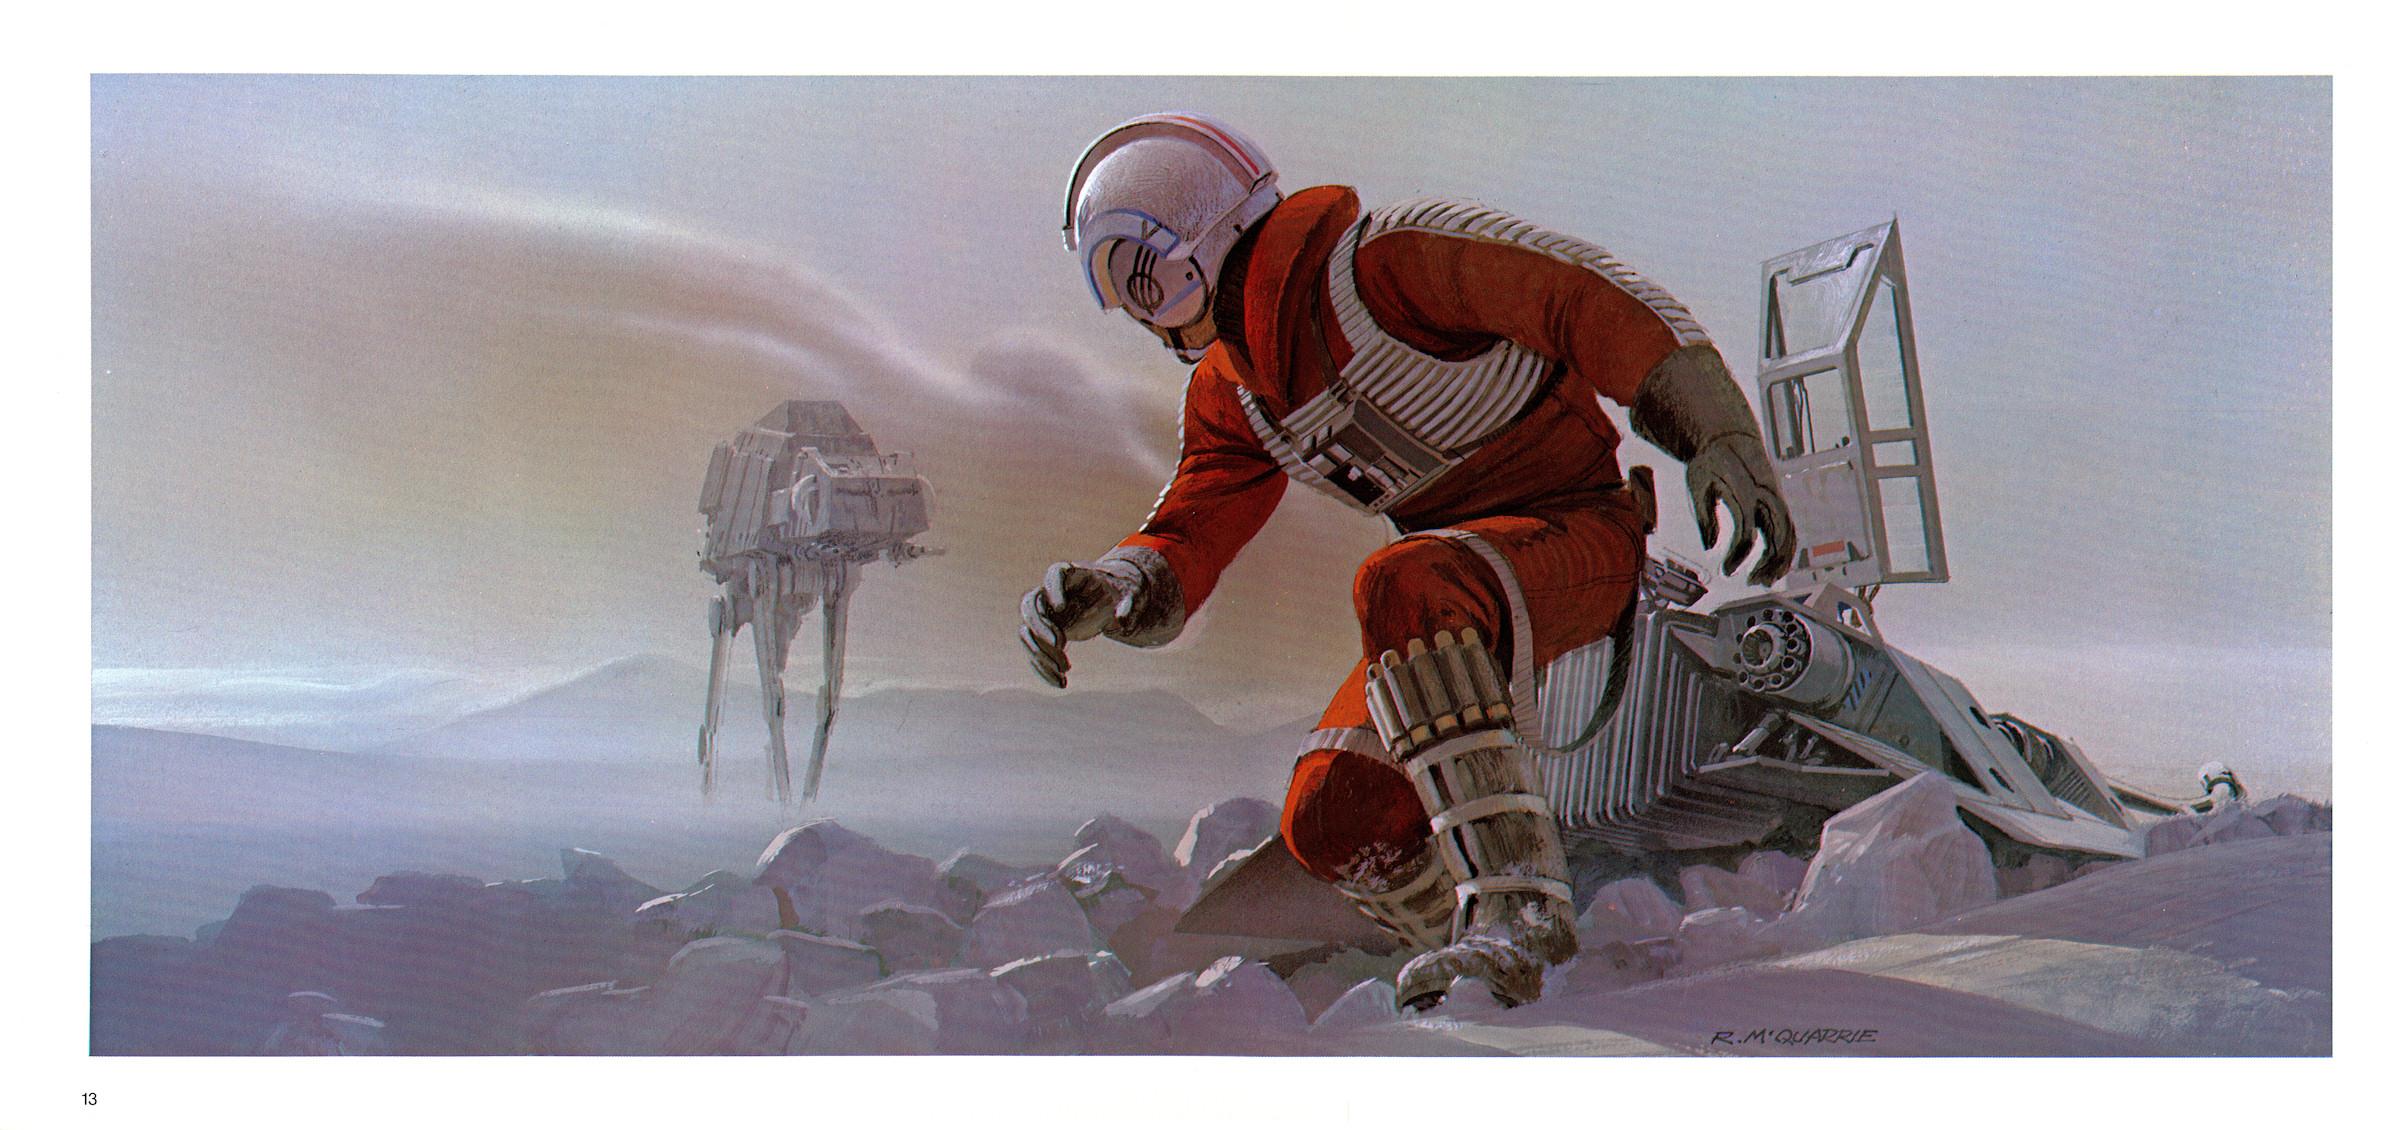 Star Wars Luke Skywalker Hoth Snow Speeder Ralph McQuarrie ...